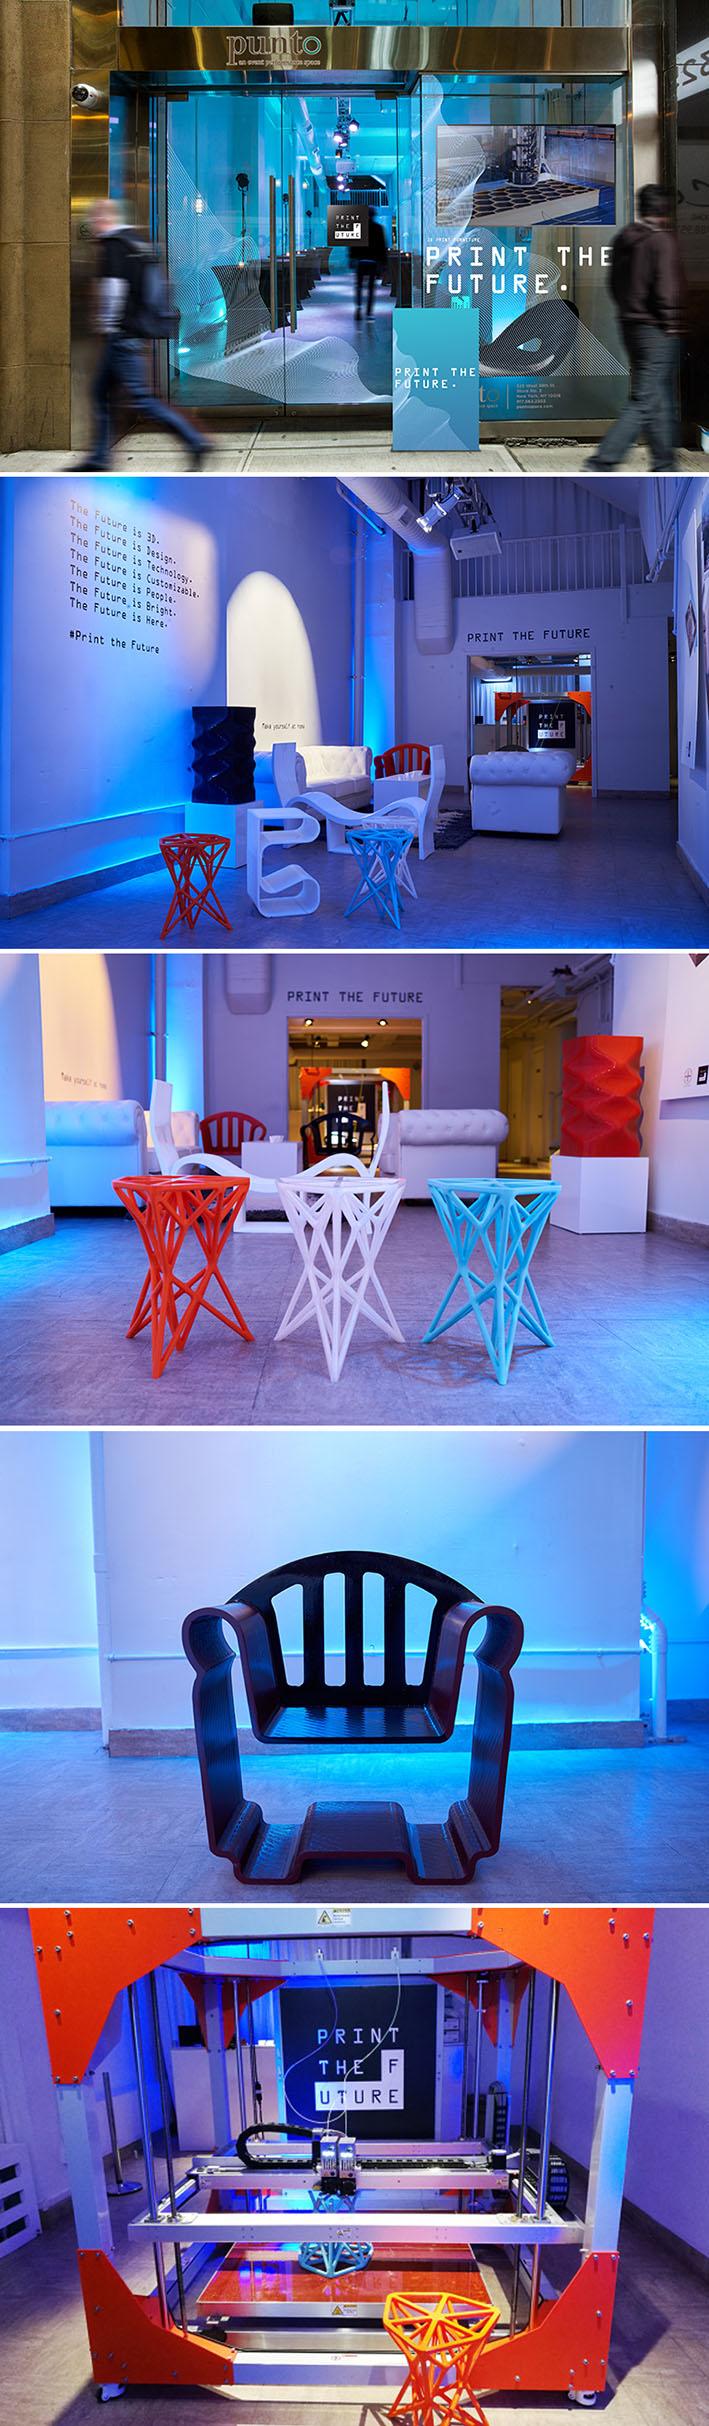 Print the Future fabrica móveis de impressão 3D sob demanda utilizando inteligência artificial stylo urbano